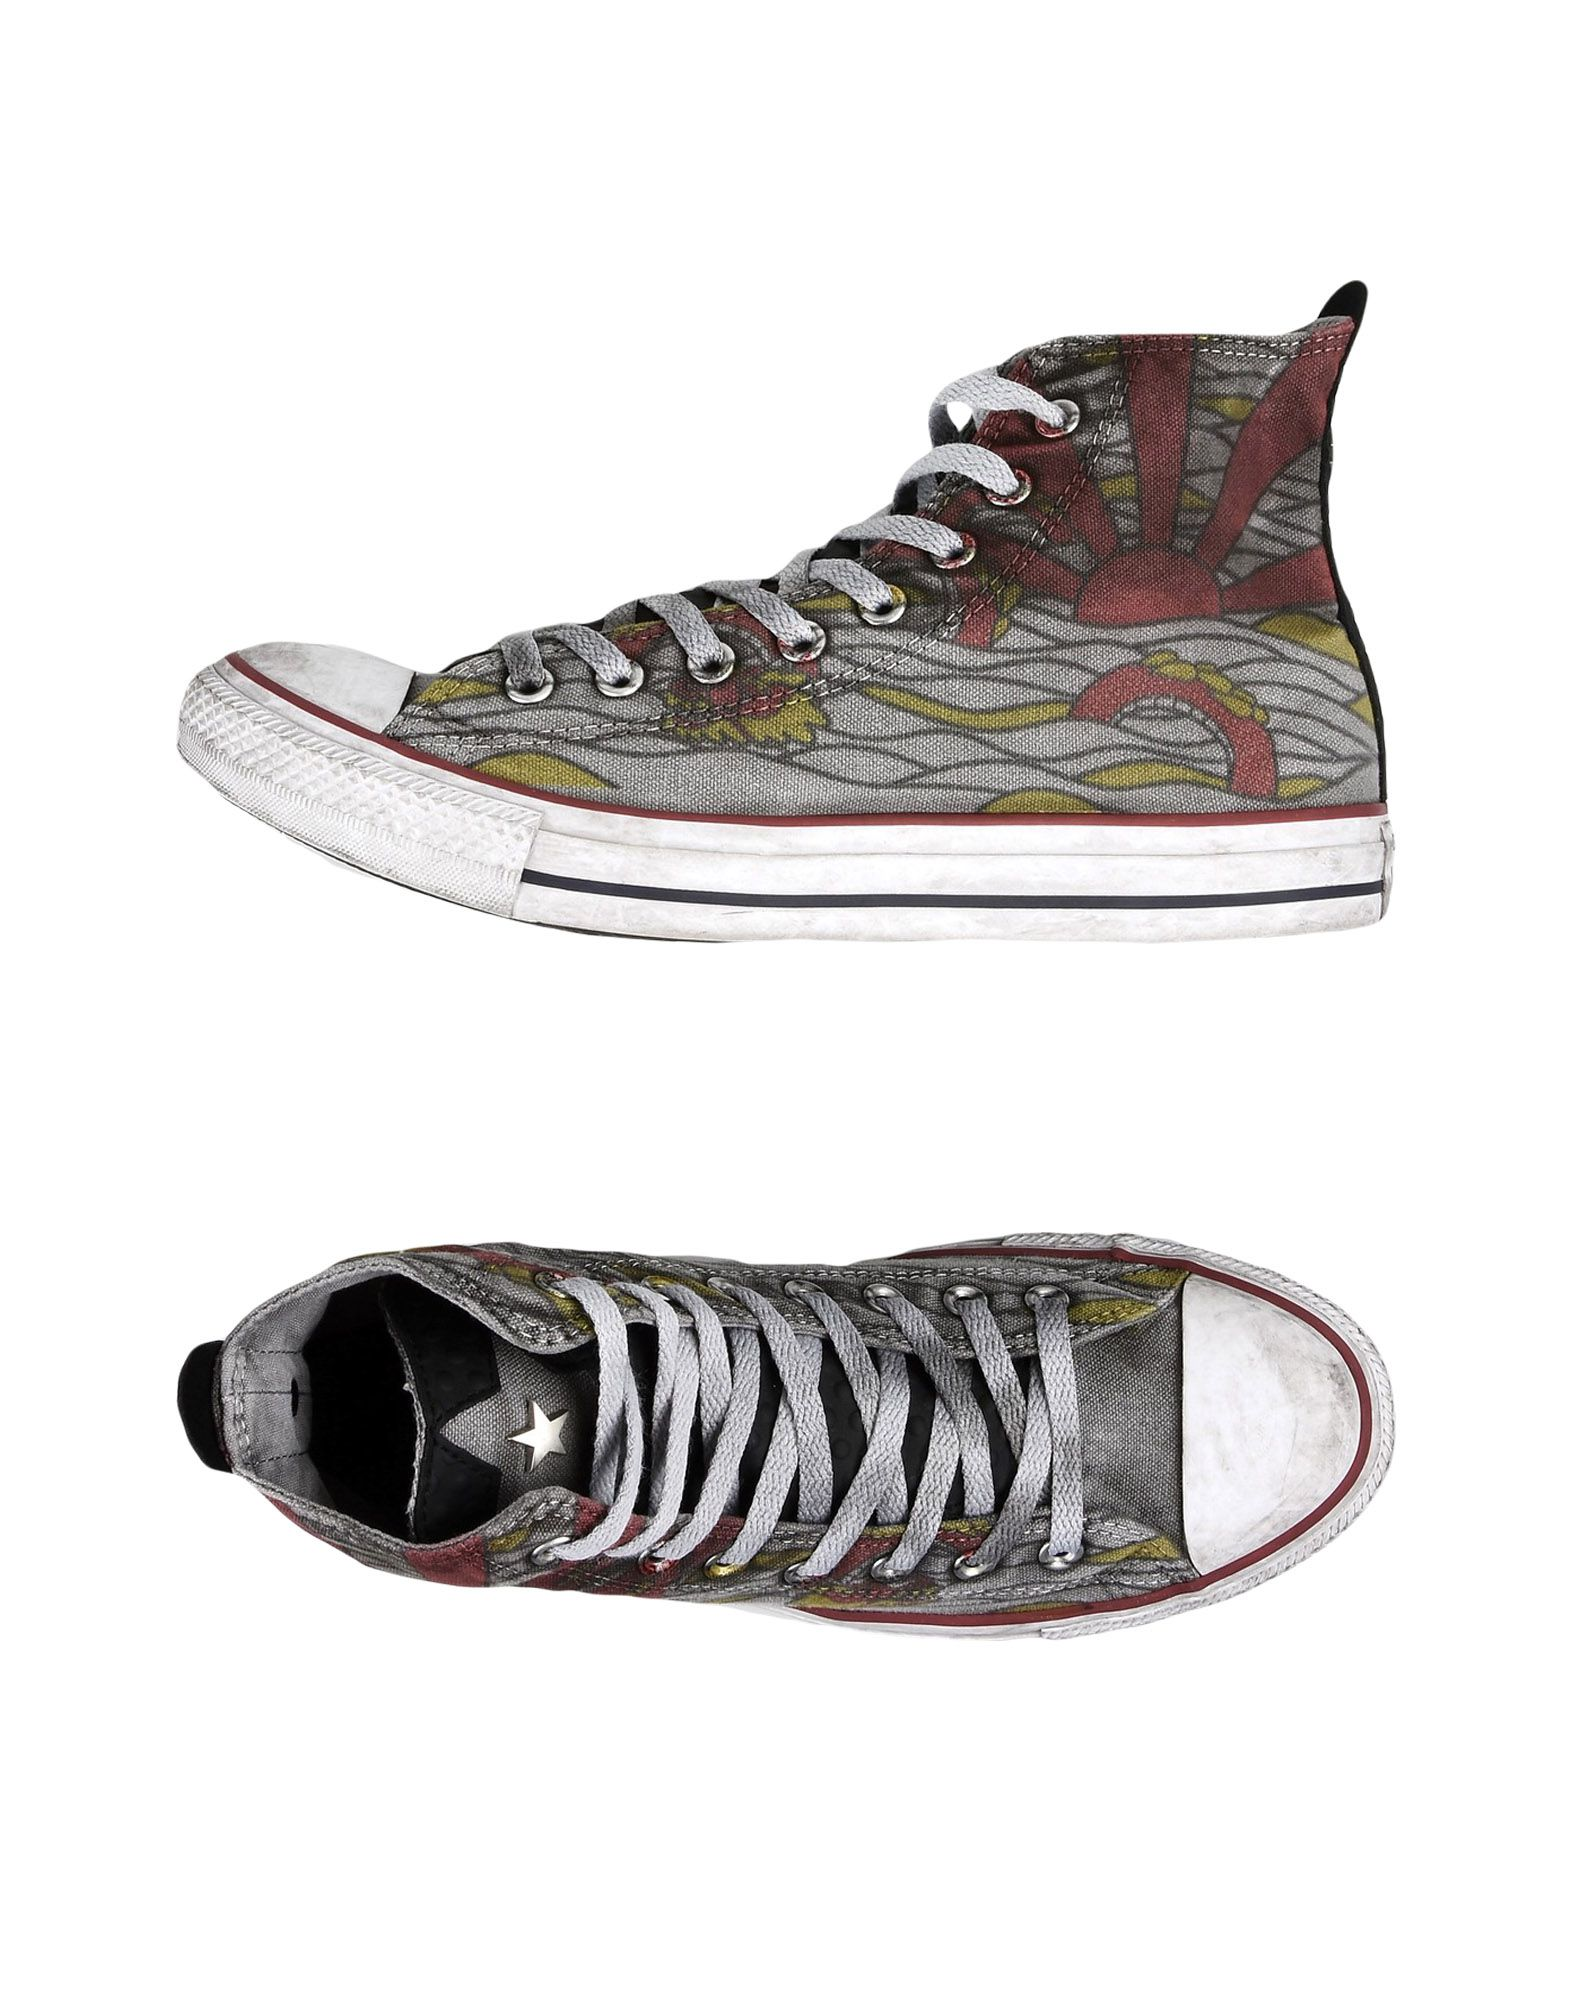 Sneakers Converse Limited Edition Ctas Hi Canvas Ltd - Uomo - Acquista online su